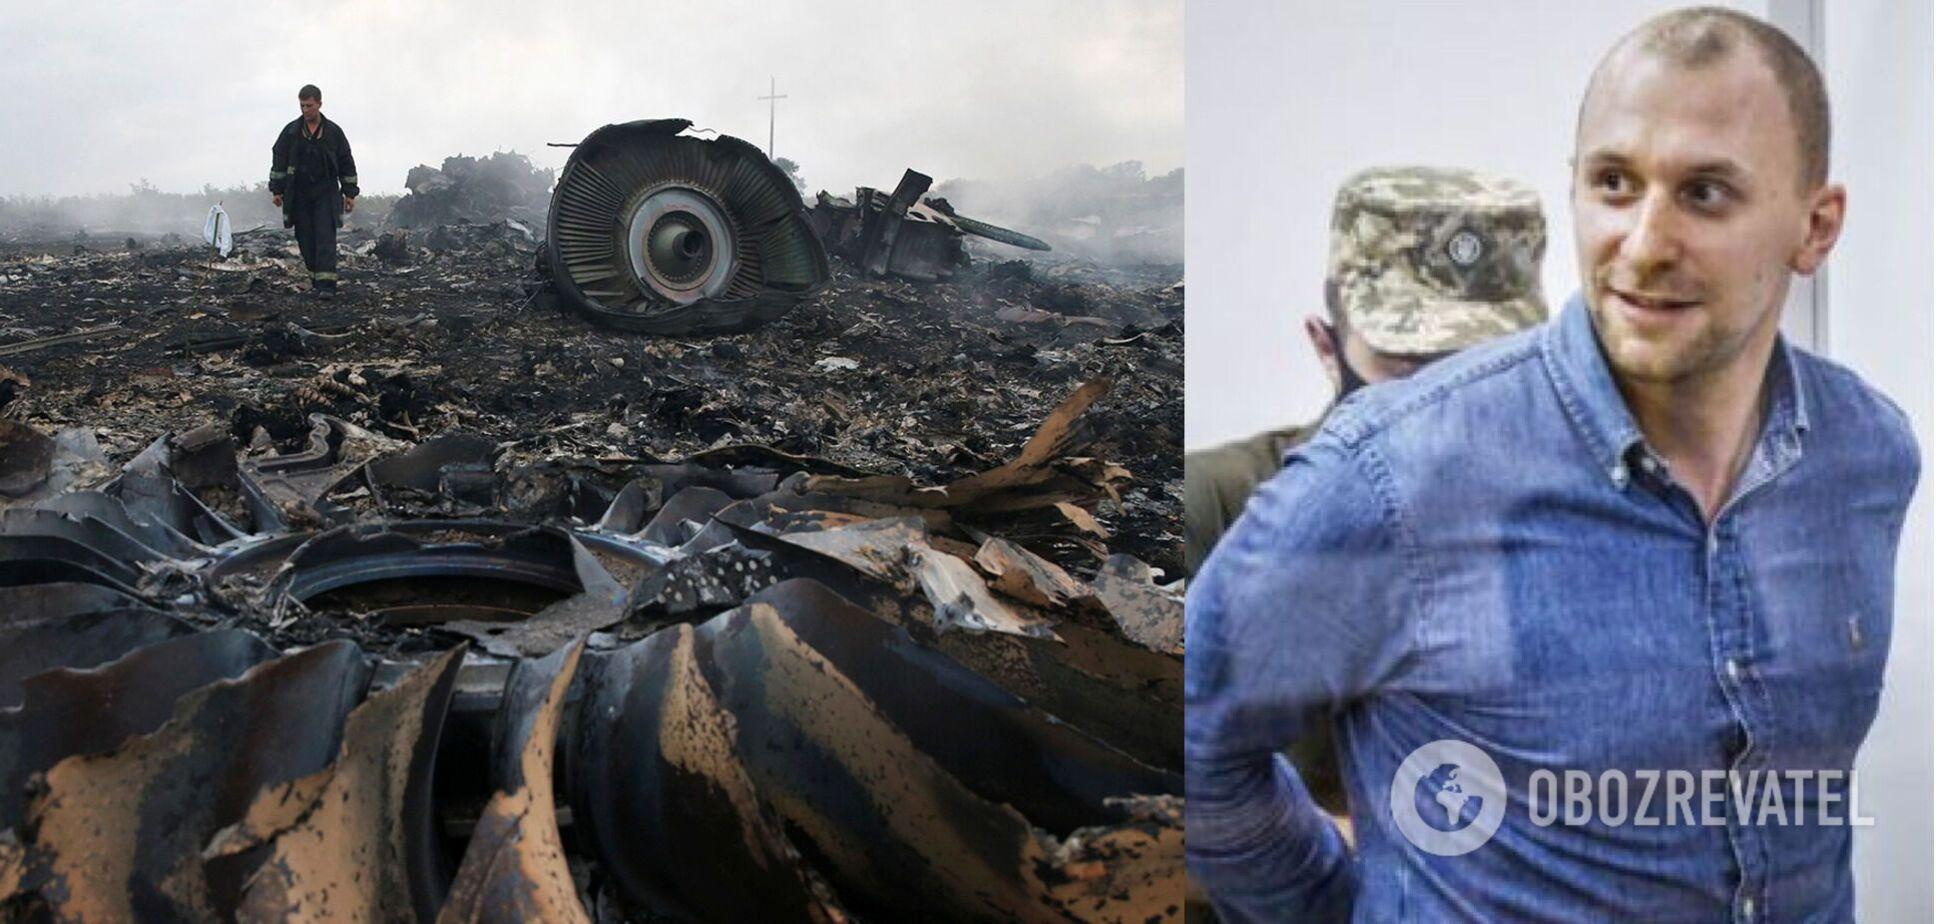 Куратор 'розвідки 'ДНР', причетний до катастрофи МН17, пішов на угоду зі слідством